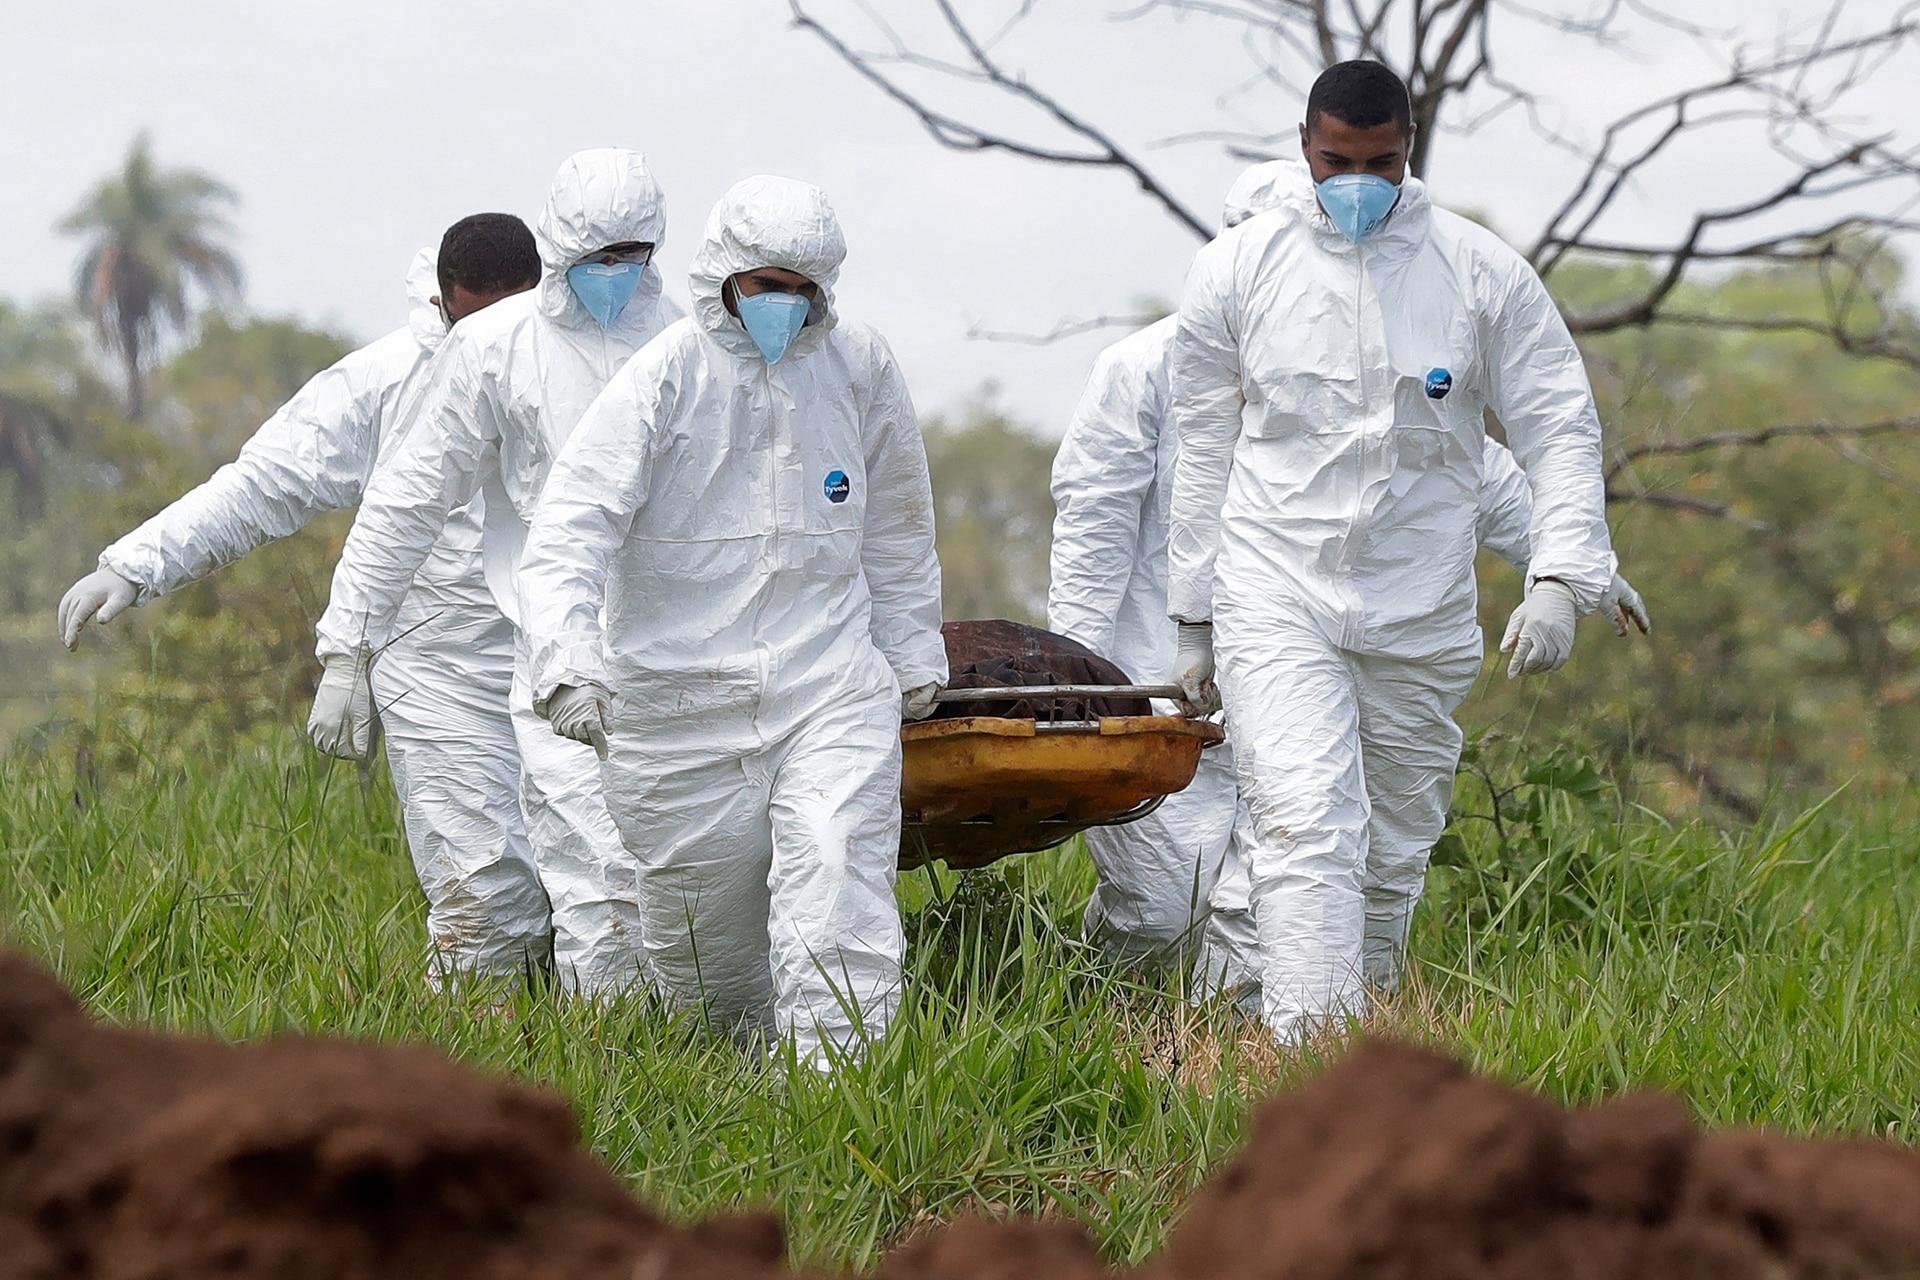 Los rescatistas se llevan un cuerpo que sacaron del lodo después de que una represa se derrumbó e inundó Brumadinho, Brasil, 28 de enero de 2019.